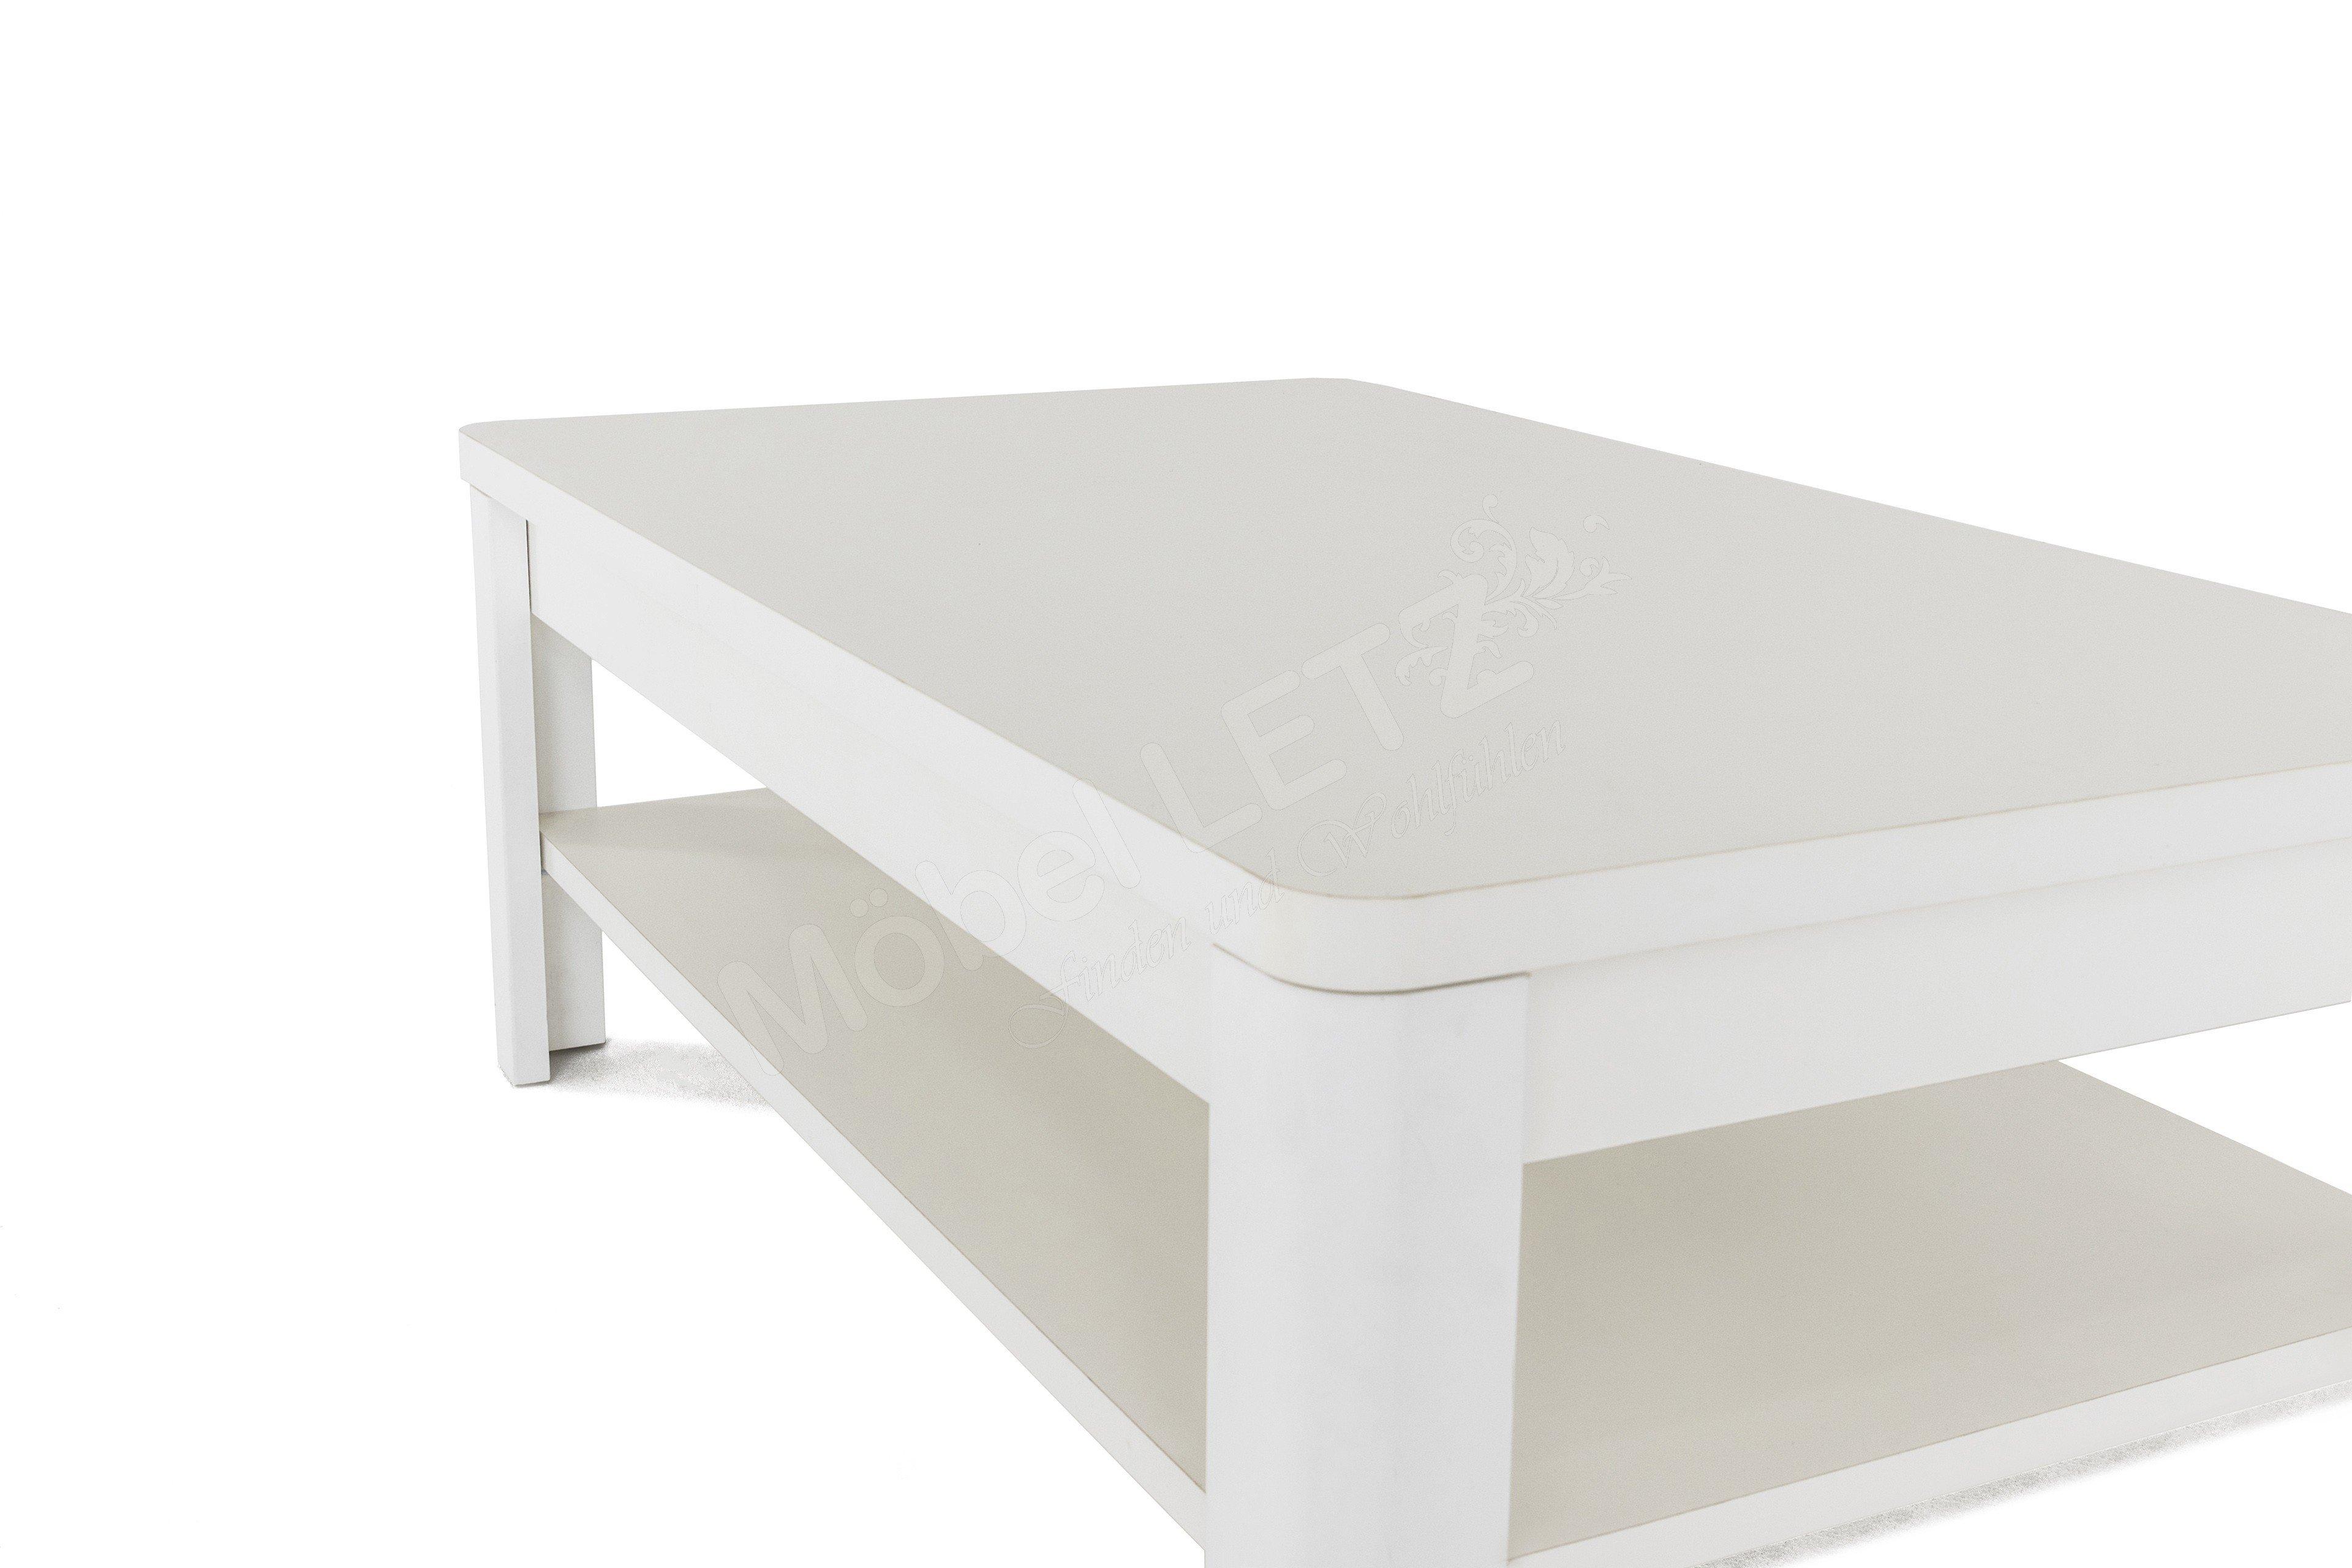 couchtisch schneeeiche couchtisch mit integriertem. Black Bedroom Furniture Sets. Home Design Ideas